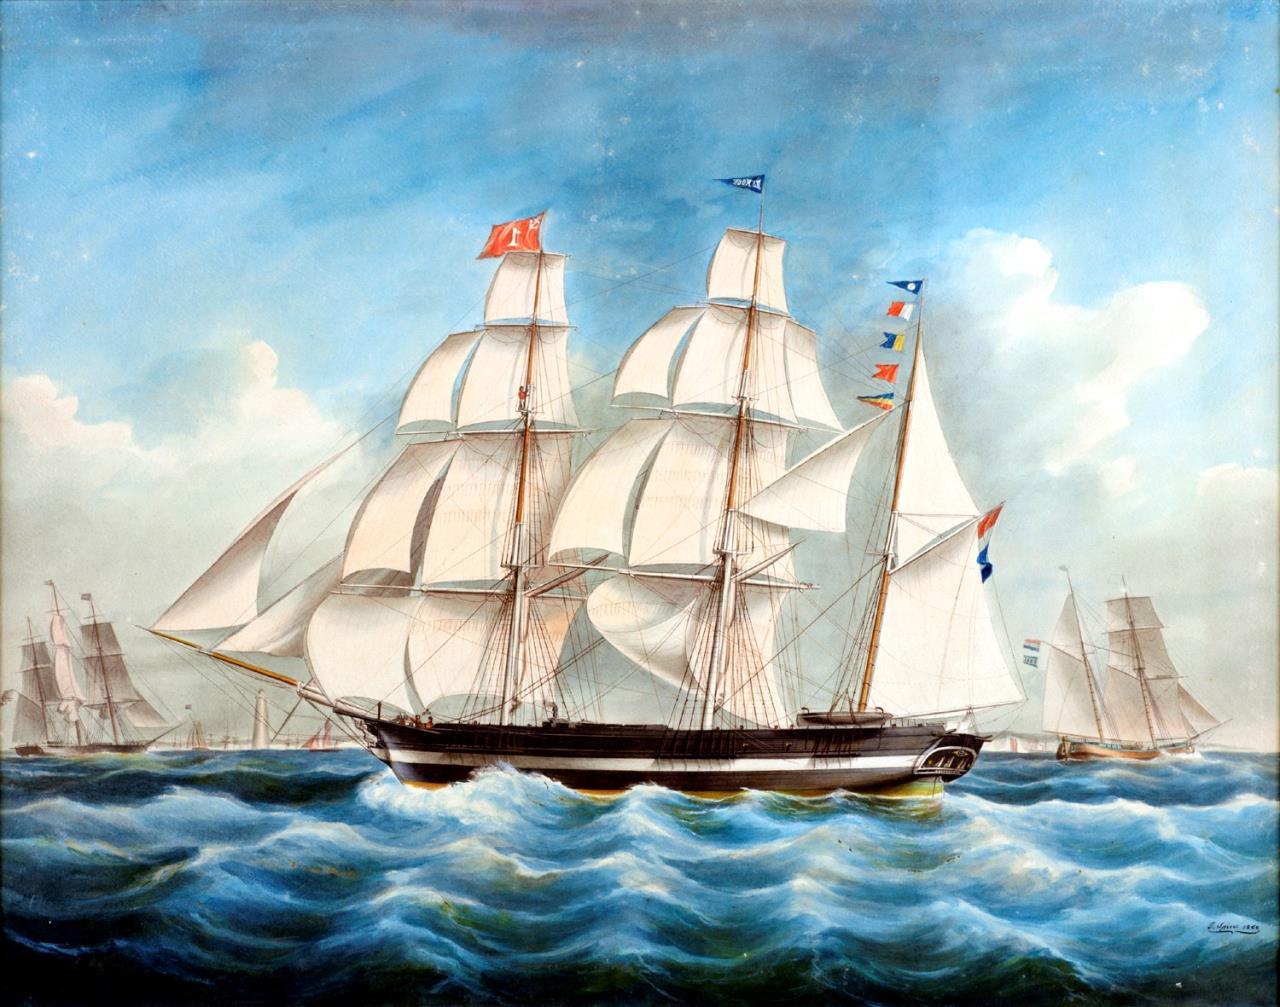 Op weg naar 200 jaar Koninklijk College Zeemanshoop